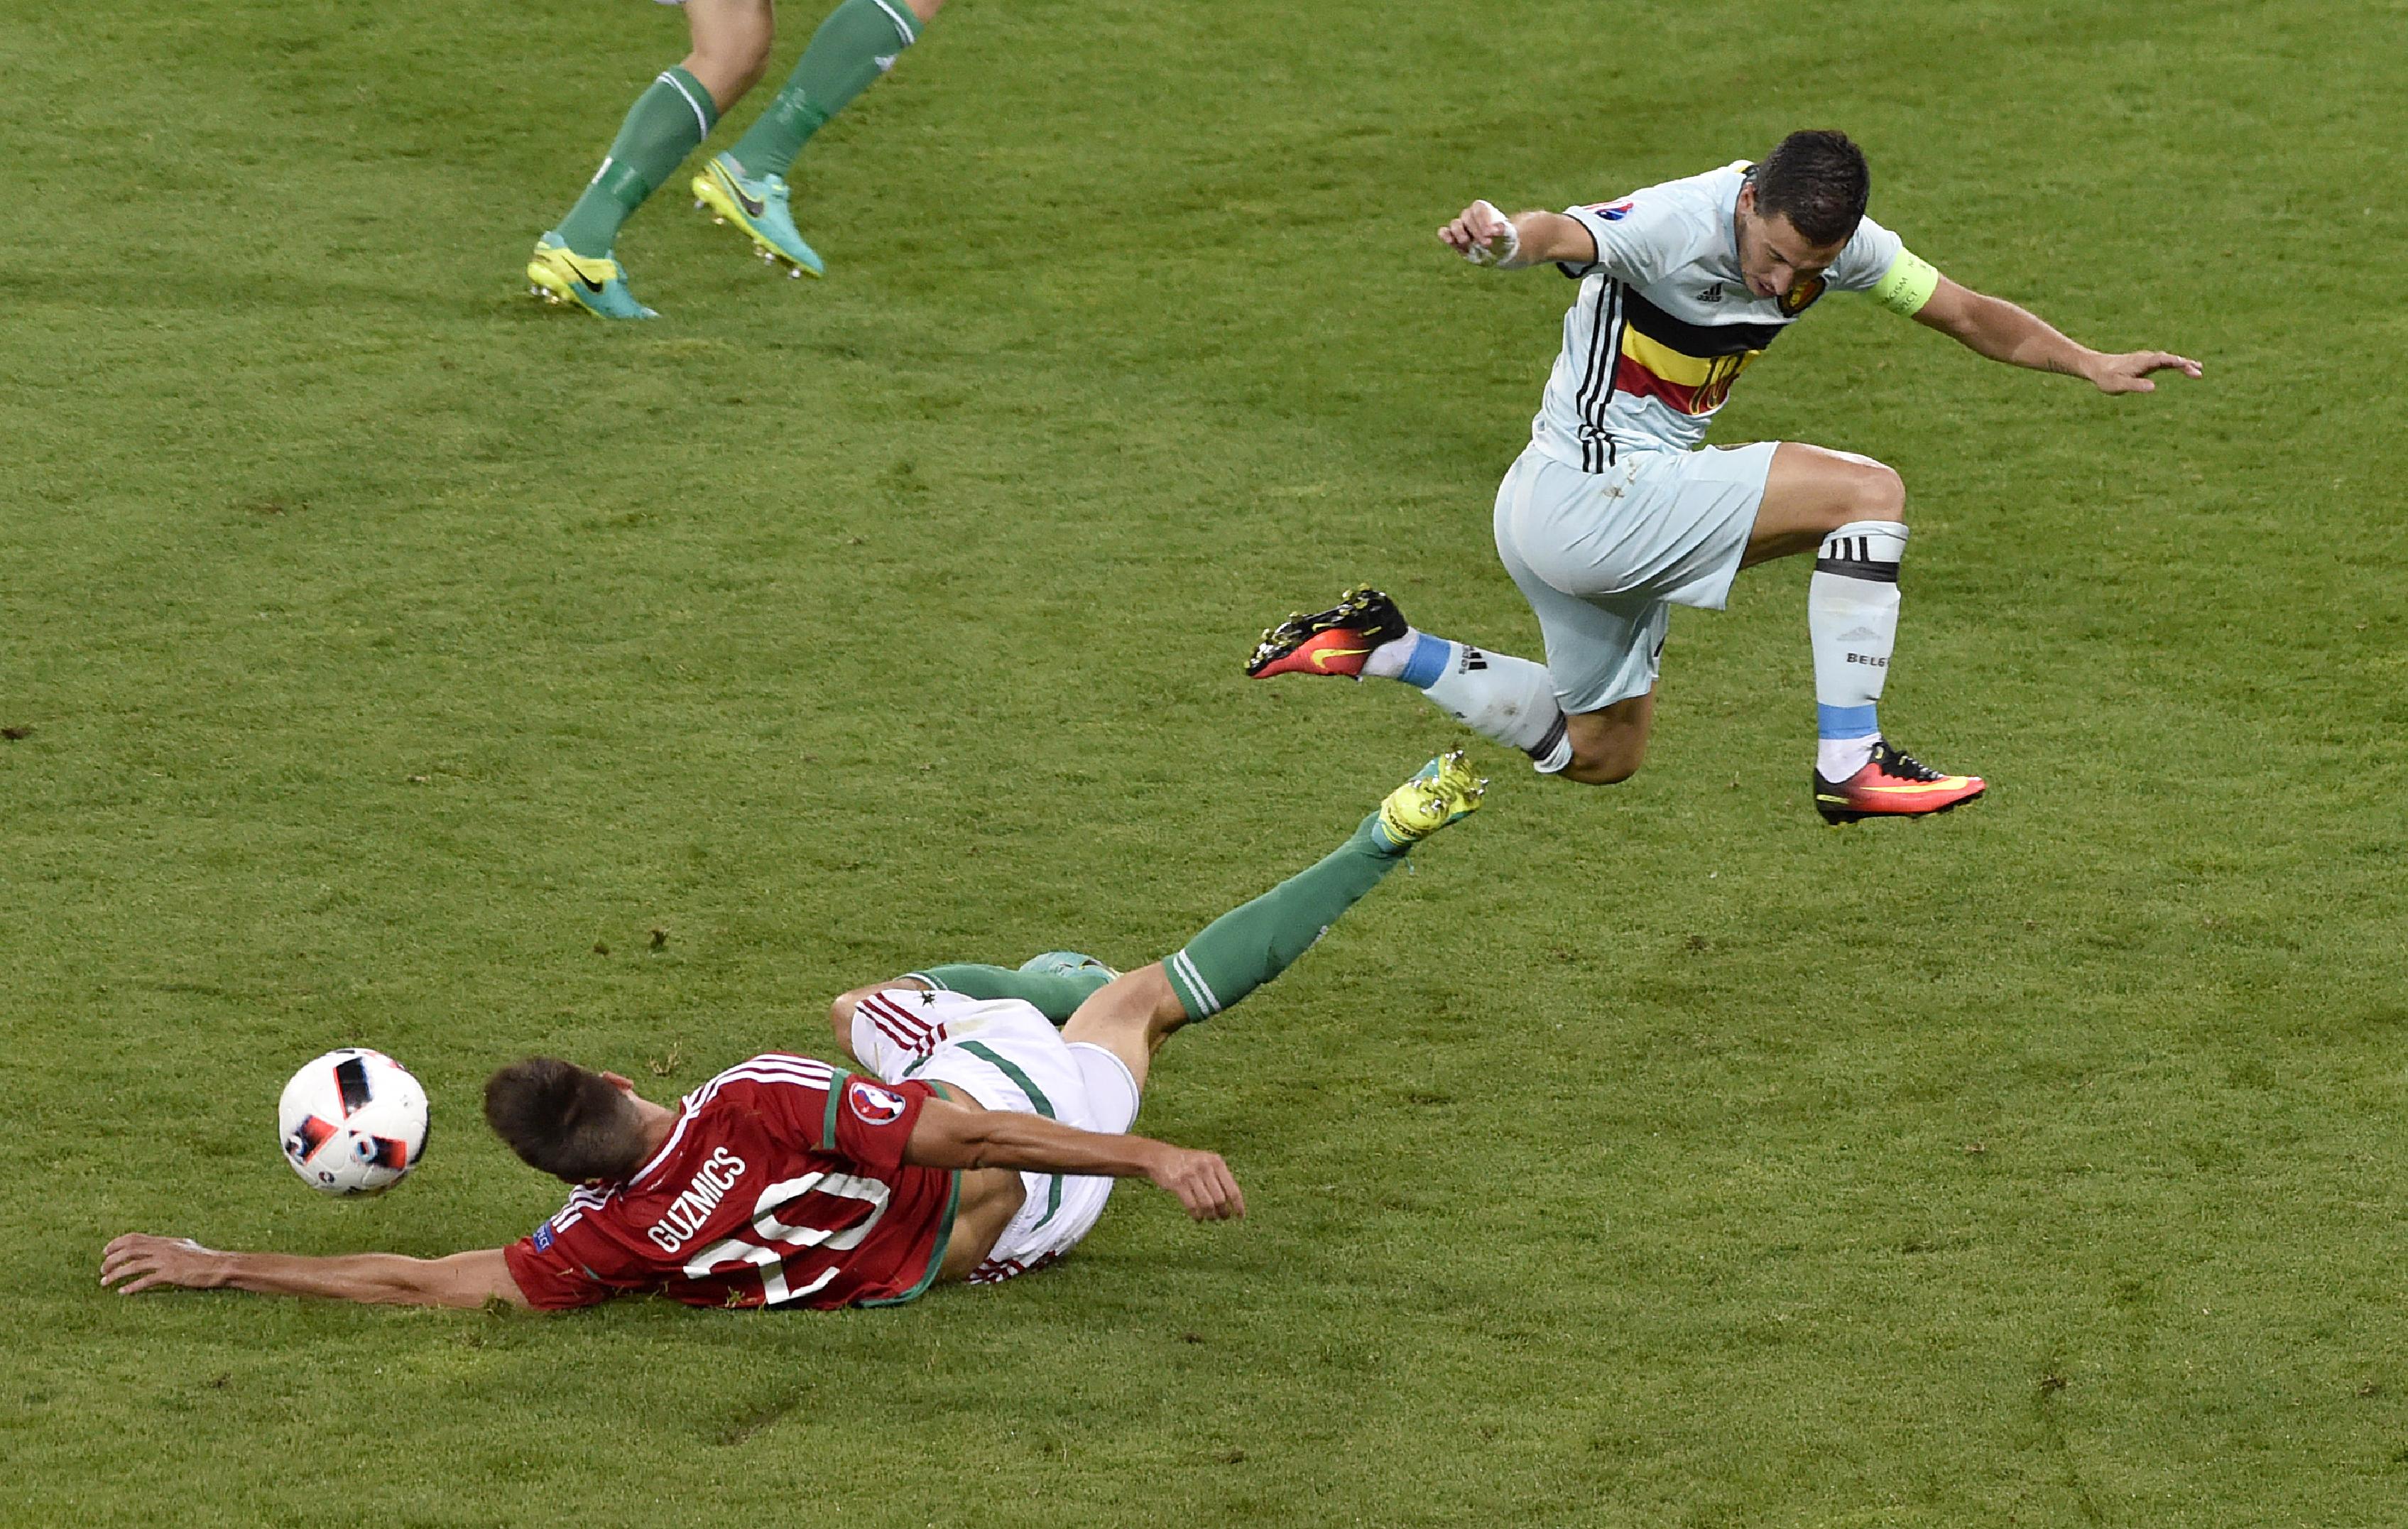 Remek meccs után, egyenes háttal búcsúzik az Eb-től a magyar válogatott